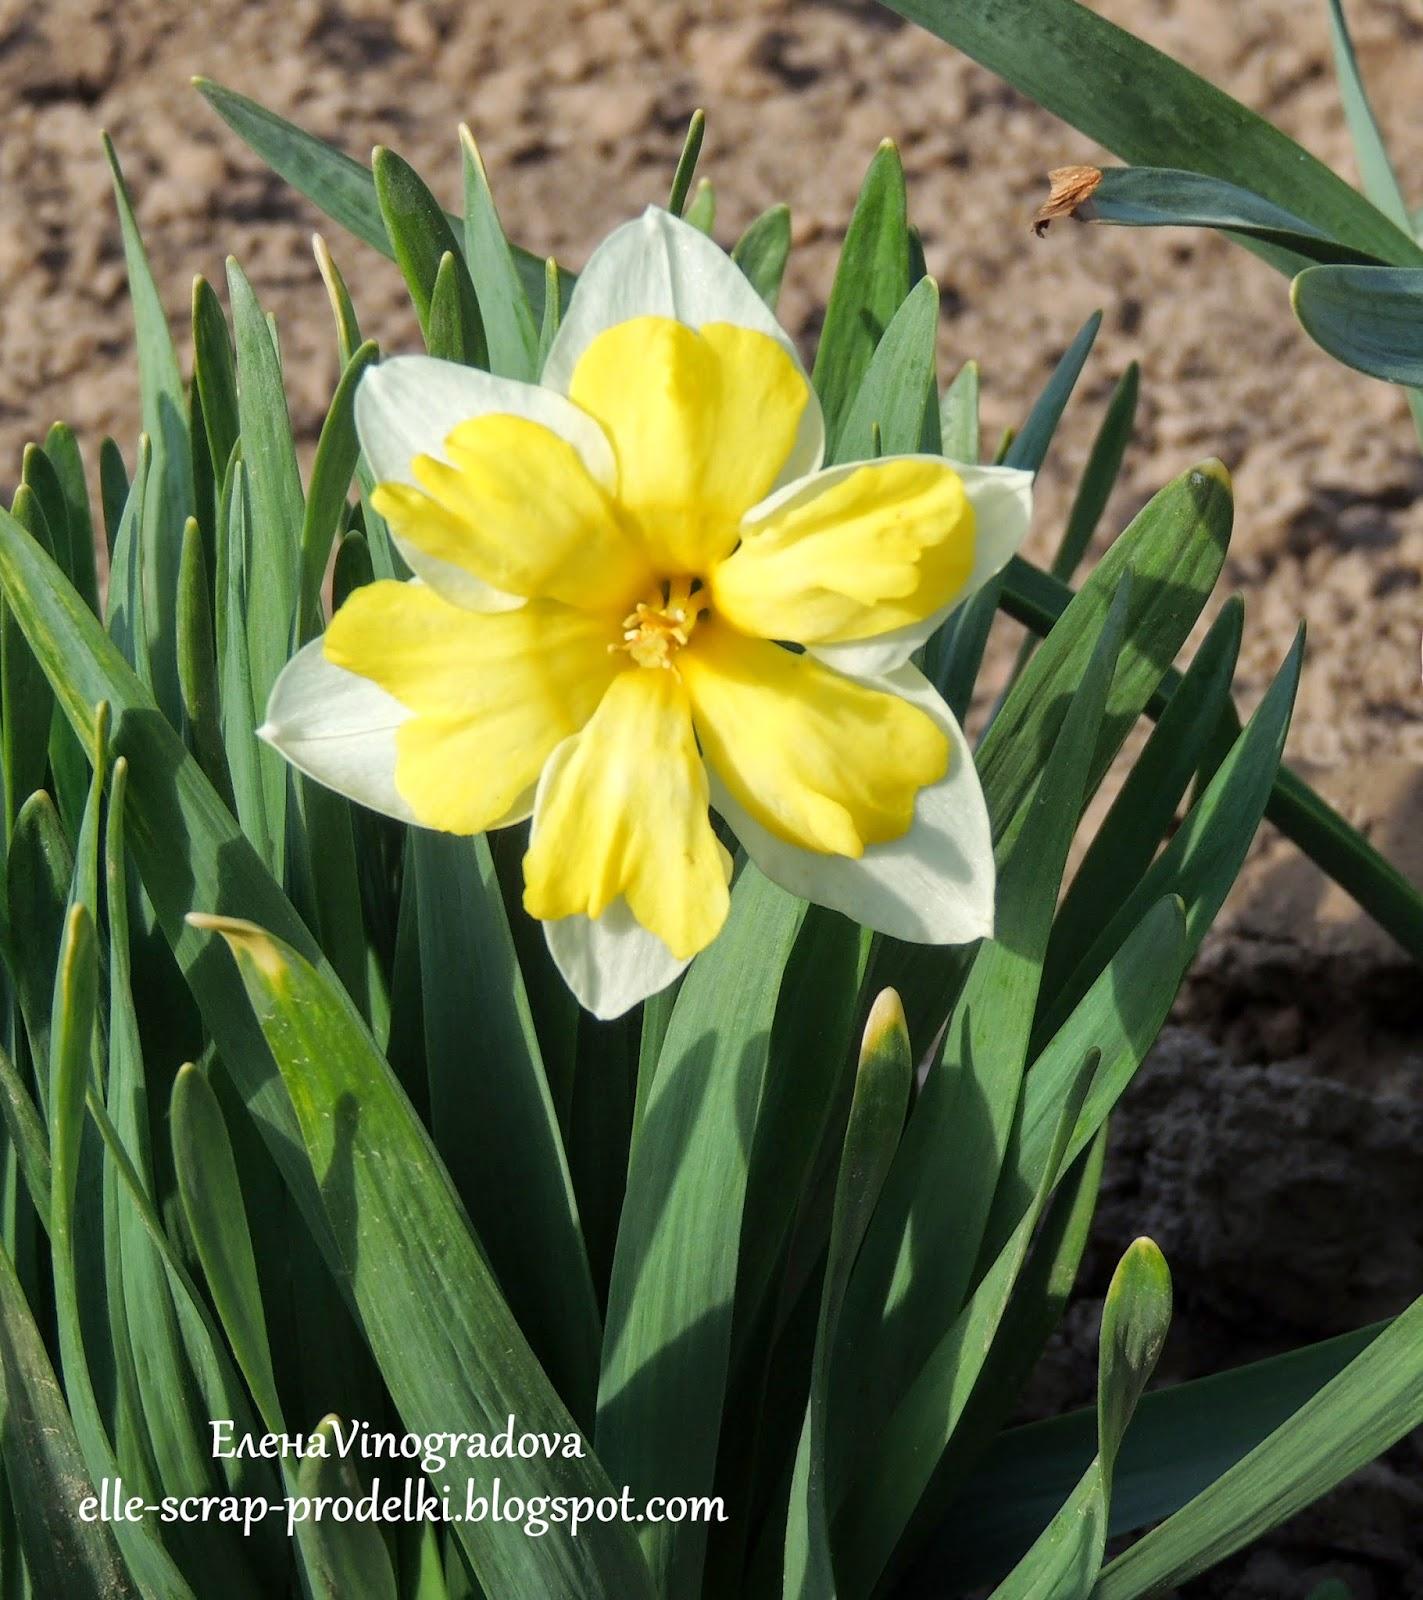 ЕленаVinogradova. Цветы нашего сада #11